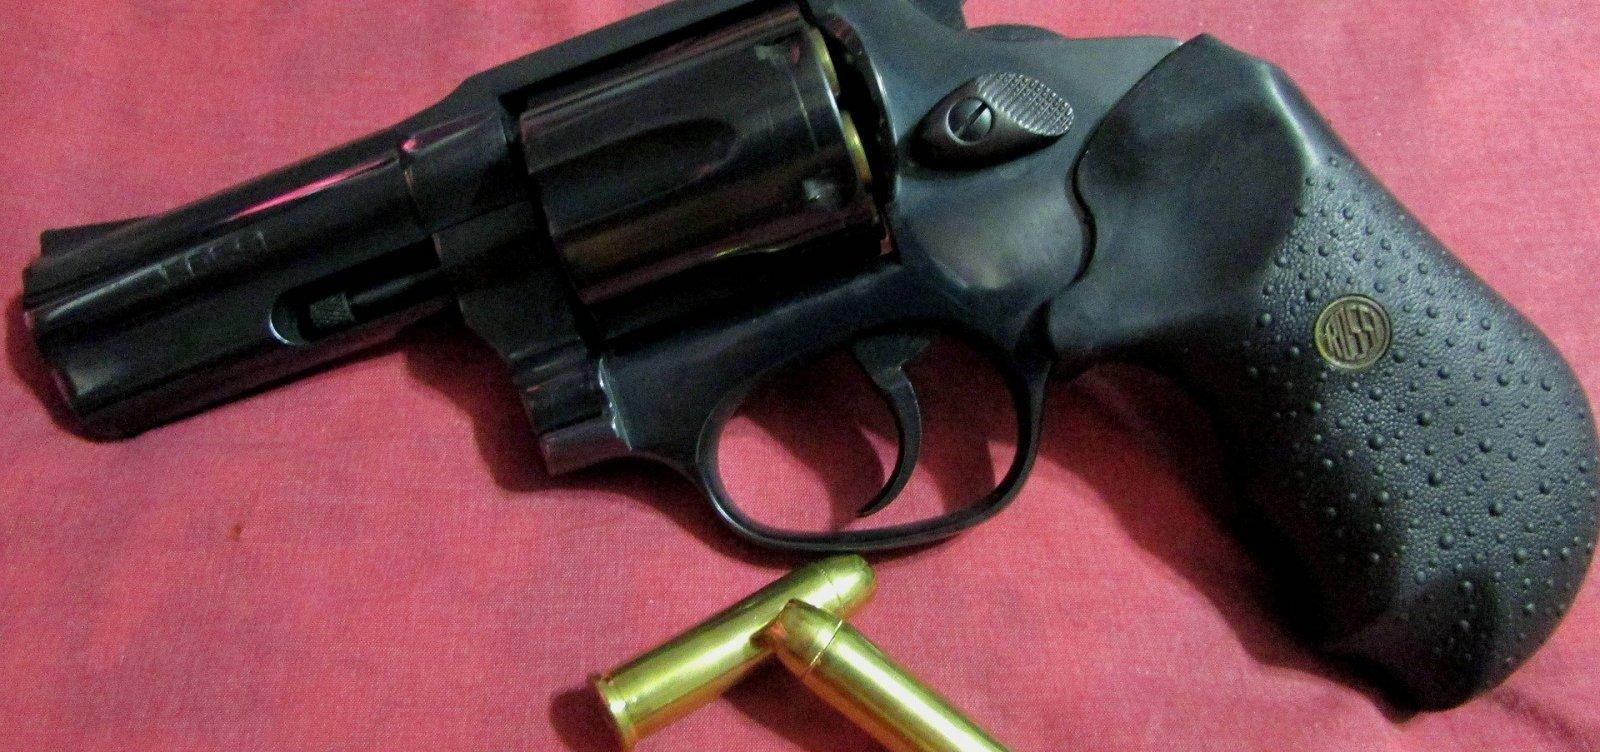 [Ibope: 73% são contra a flexibilização do porte de armas]